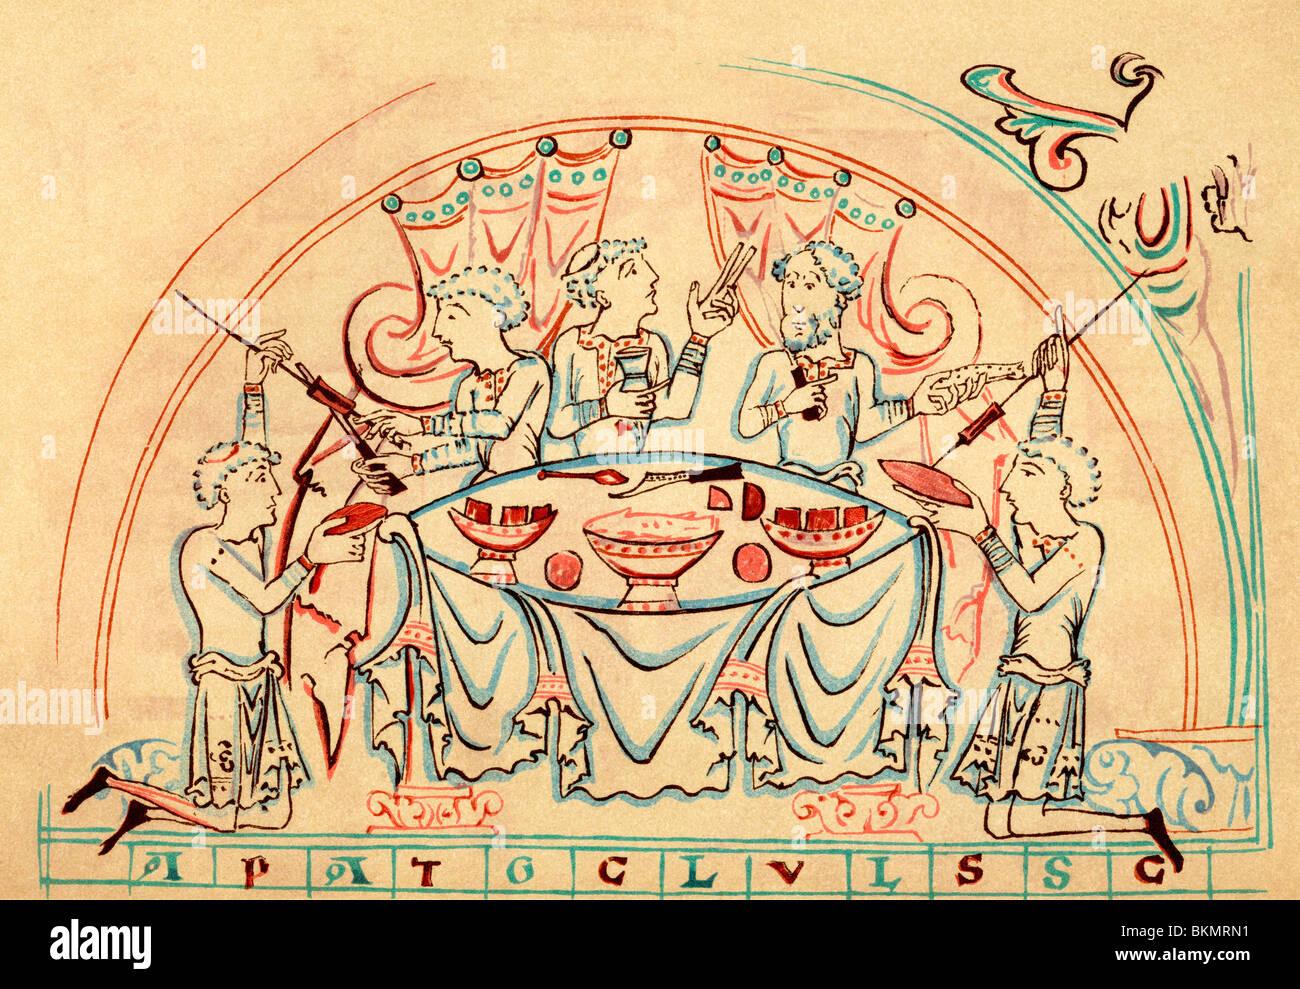 Ein mittelalterliches Bankett. Stockbild